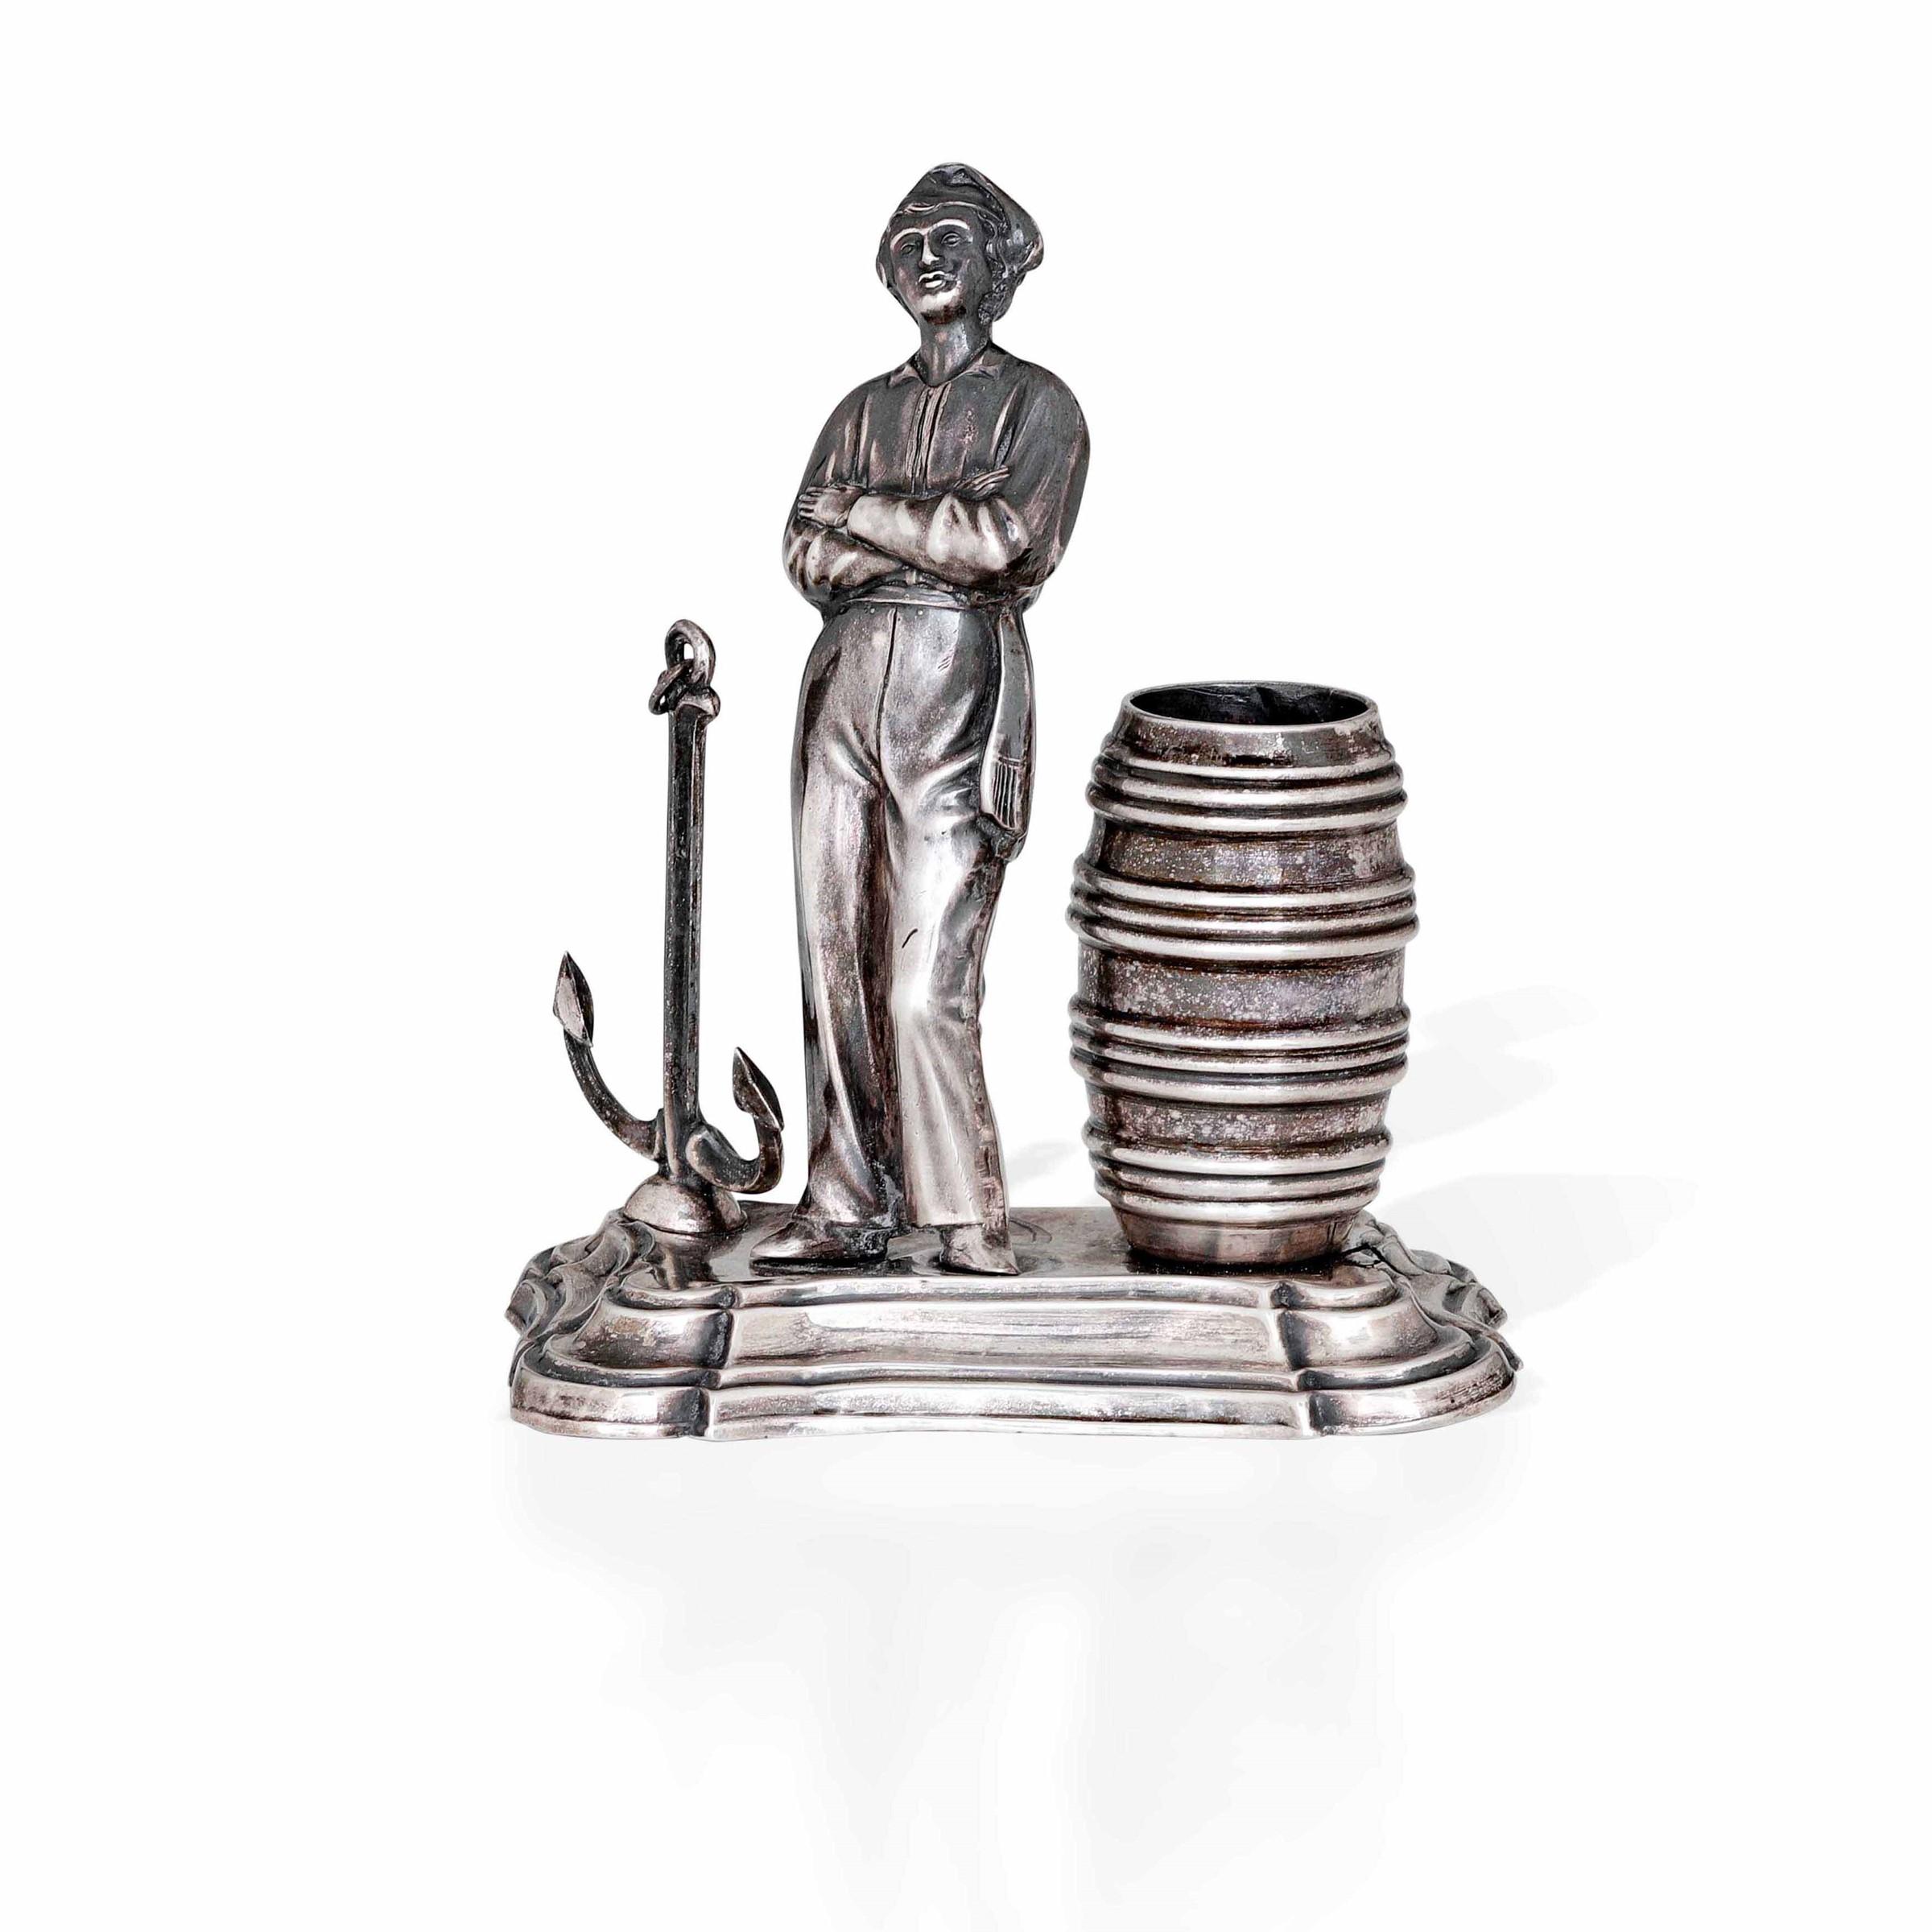 Porta stuzzicadenti in argento sbalzato raffigurante marinaio con ancora e barile. [...]